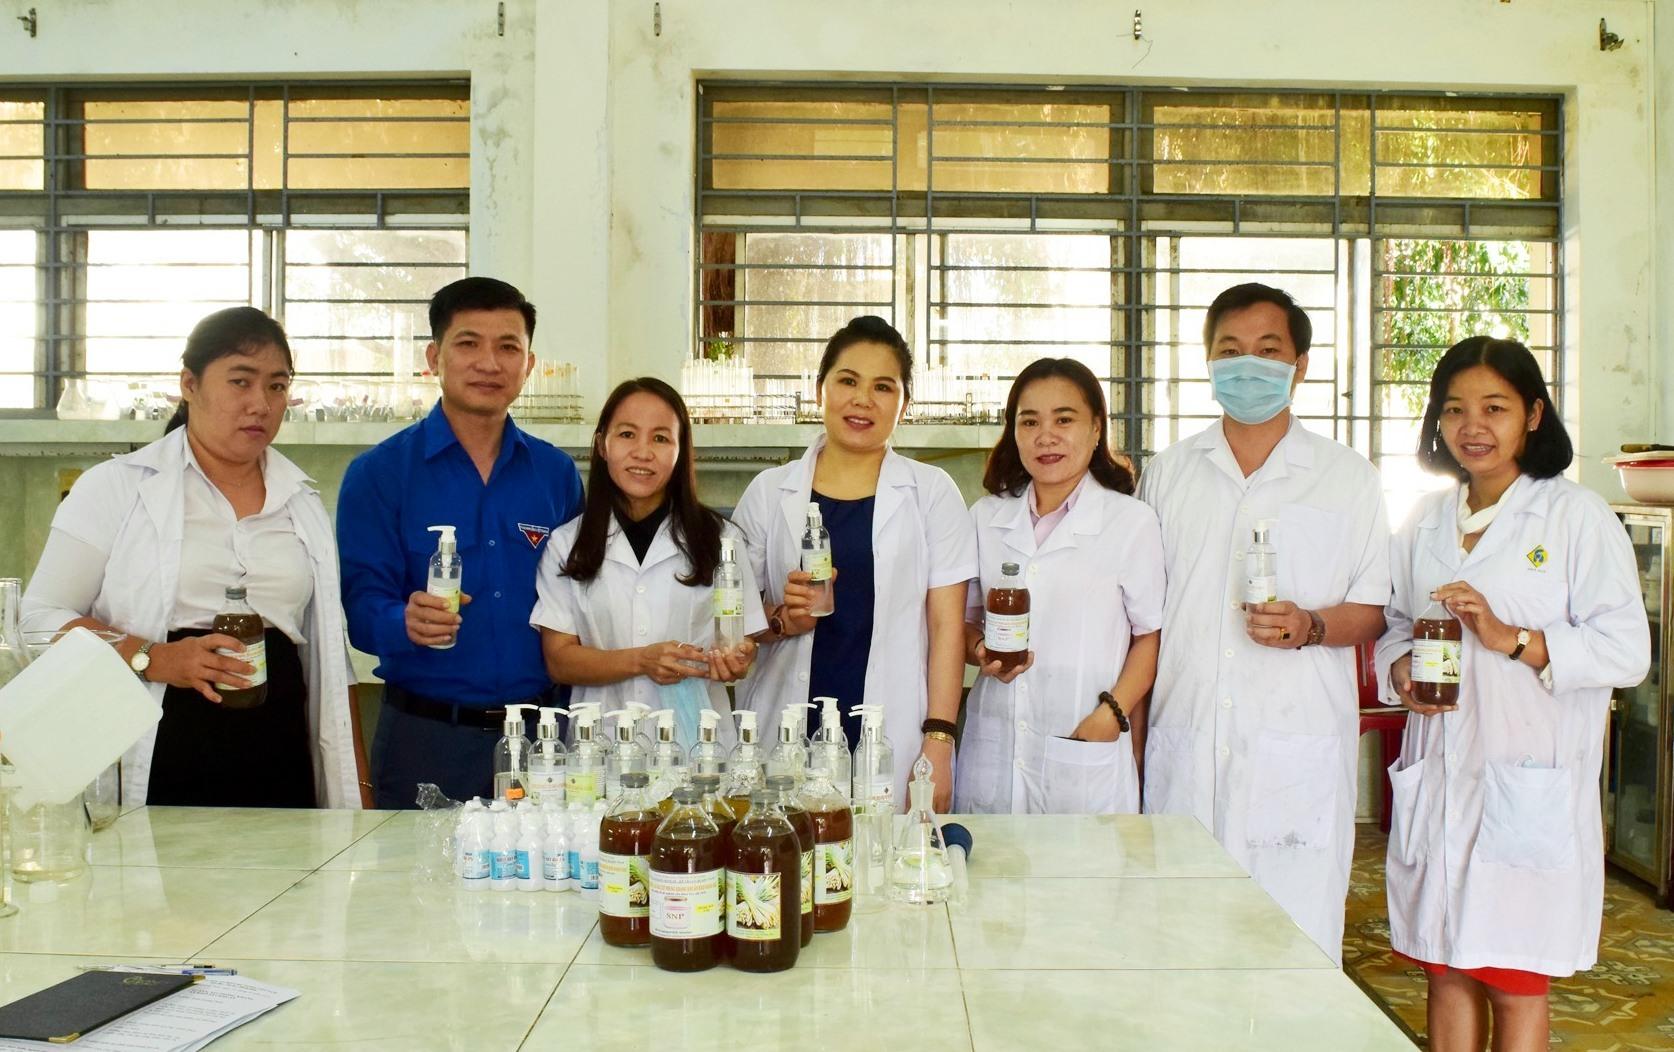 Nhóm nghiên cứu chế xuất thành công dung dịch lau sàn, xịt phòng kháng khuẩn và dung dịch rửa tay khô sát khuẩn. Ảnh: THÁI CƯỜNG